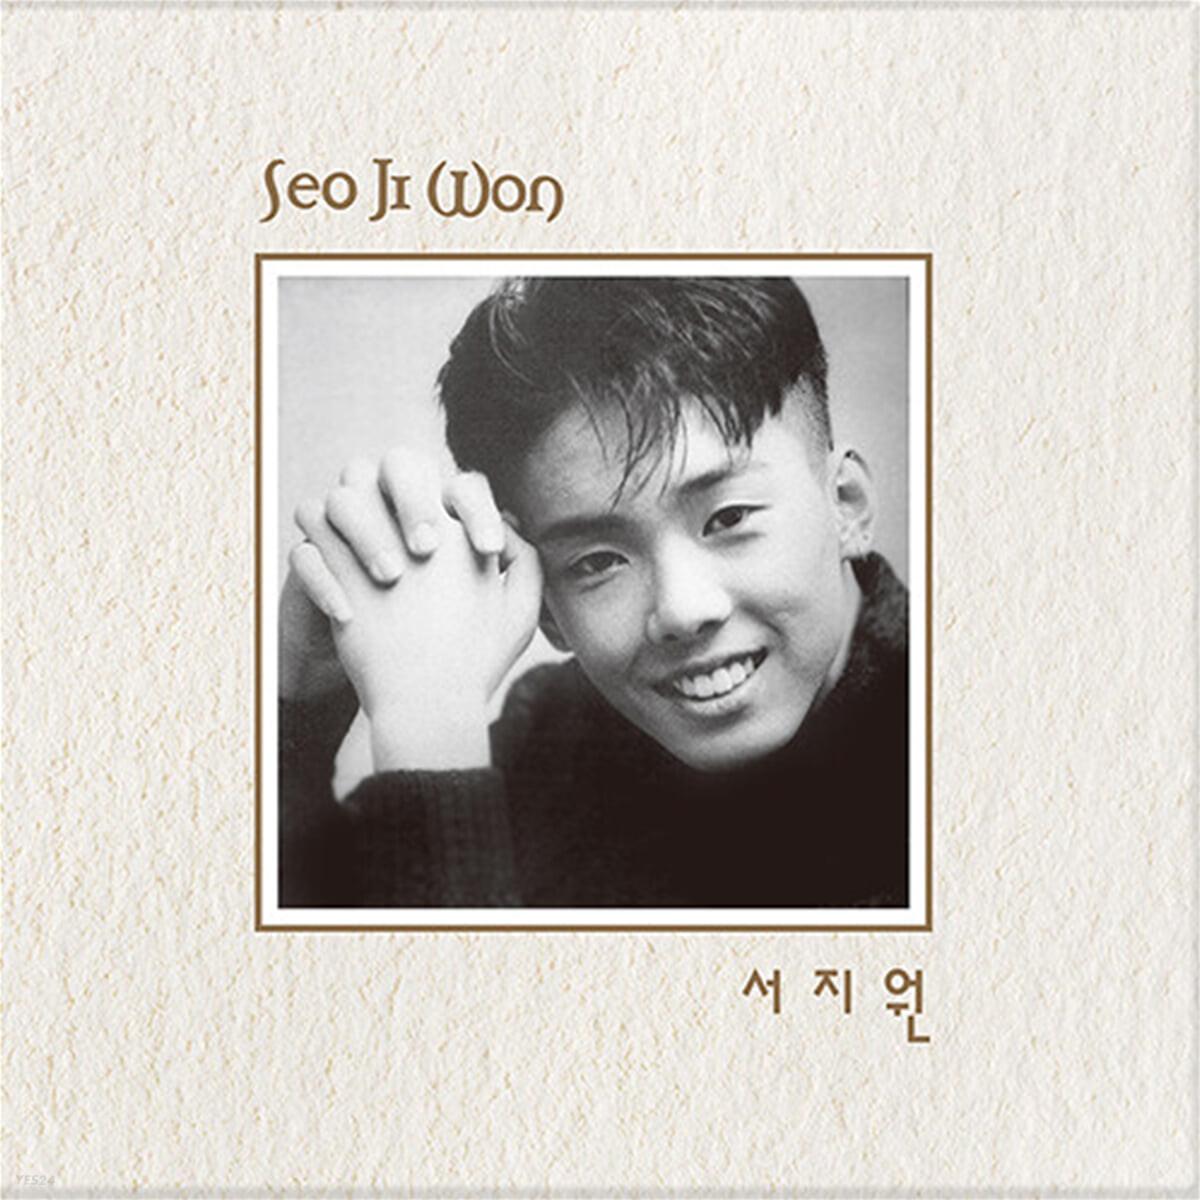 서지원 - 1집 Seo Ji Won [투명 컬러 LP+CD]